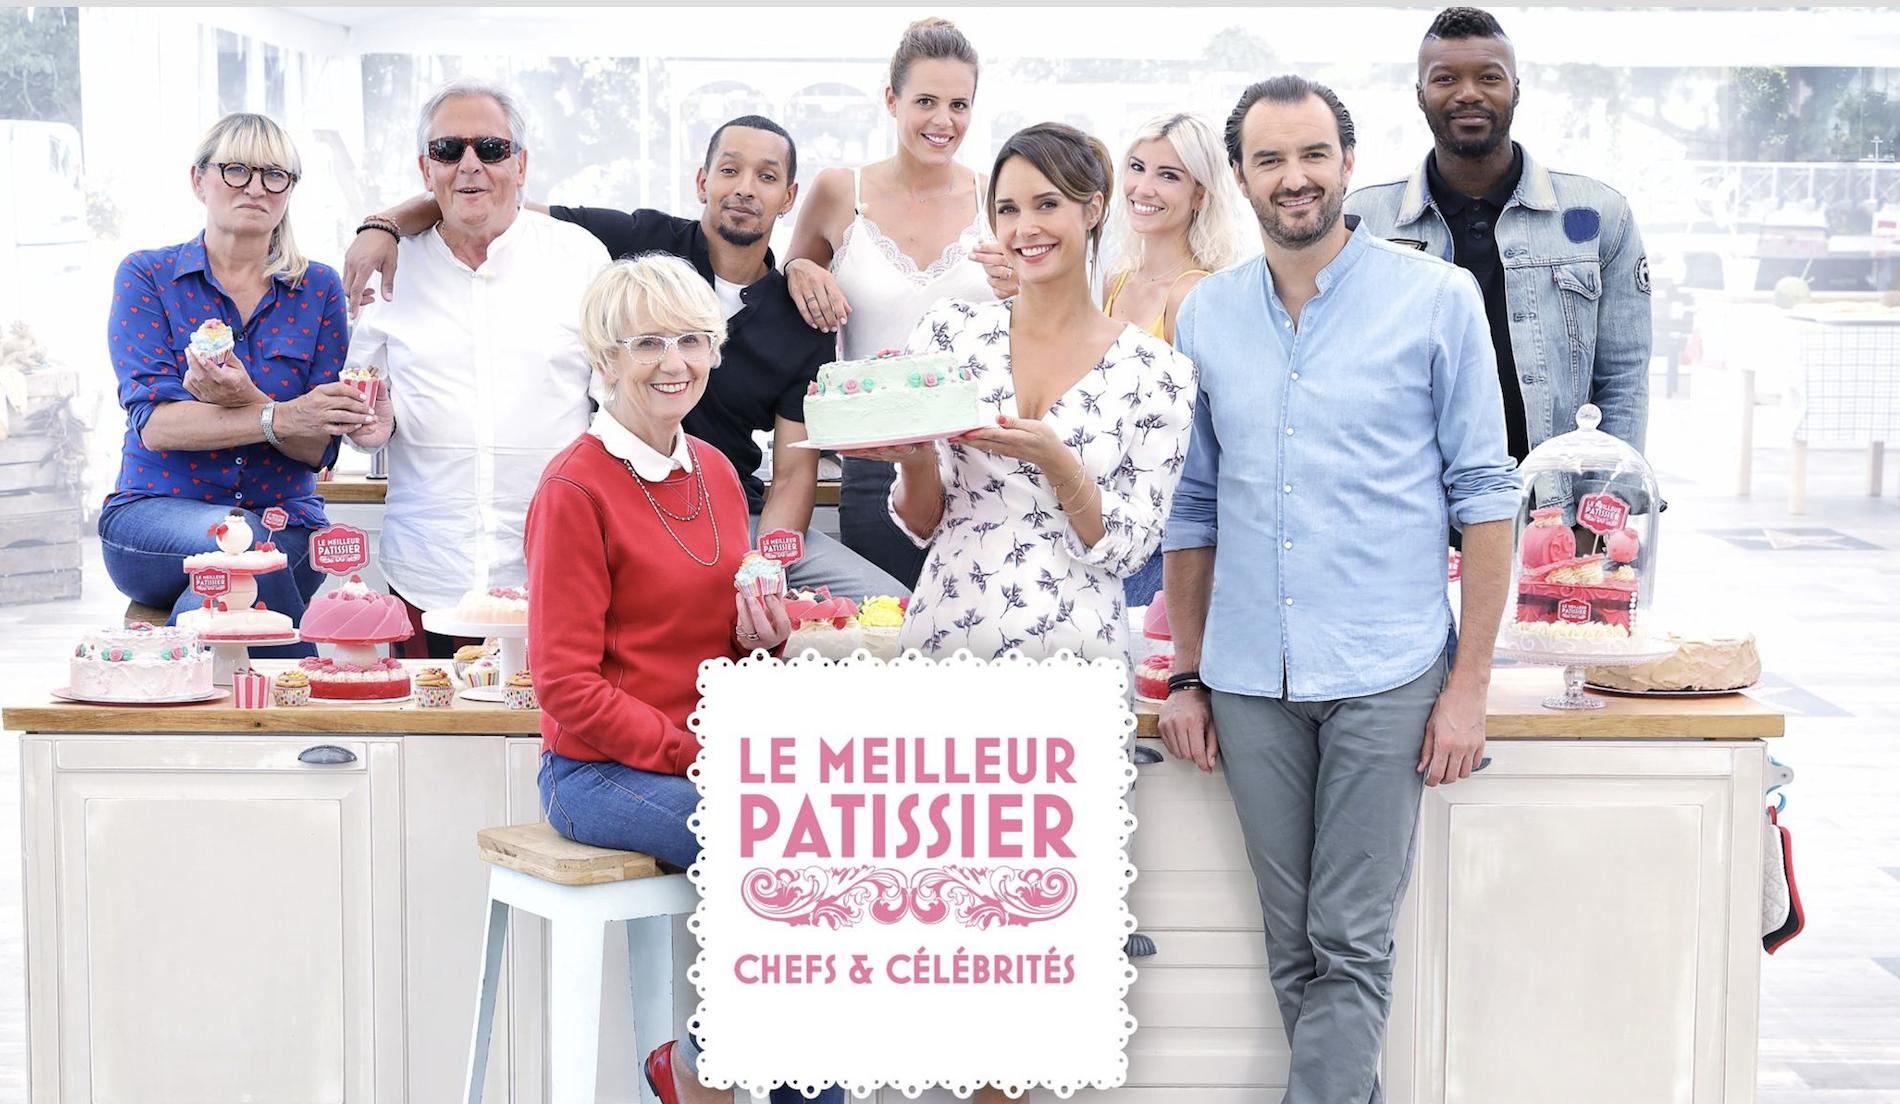 LE MEILLEUR PÂTISSIER – CHEFS & CÉLÉBRITÉS